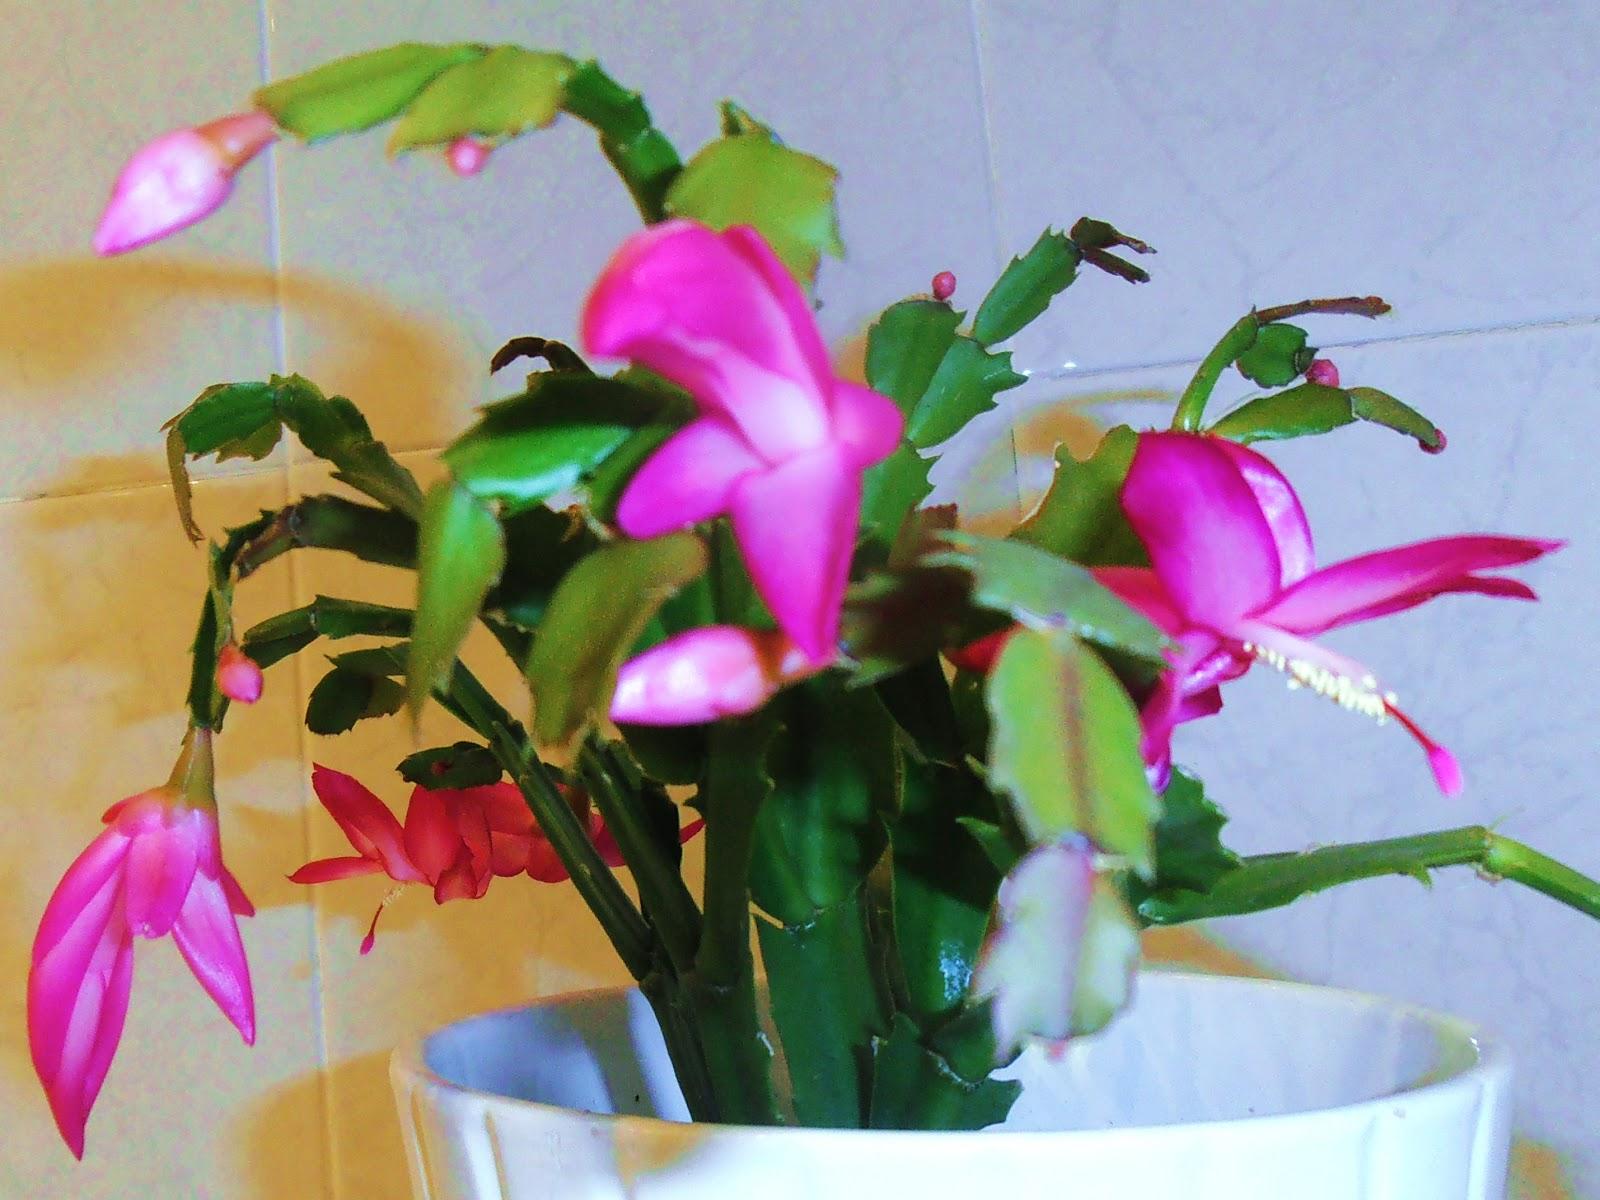 La ventana de javiruli plantas de interior 20 esquejes for Santa teresita planta